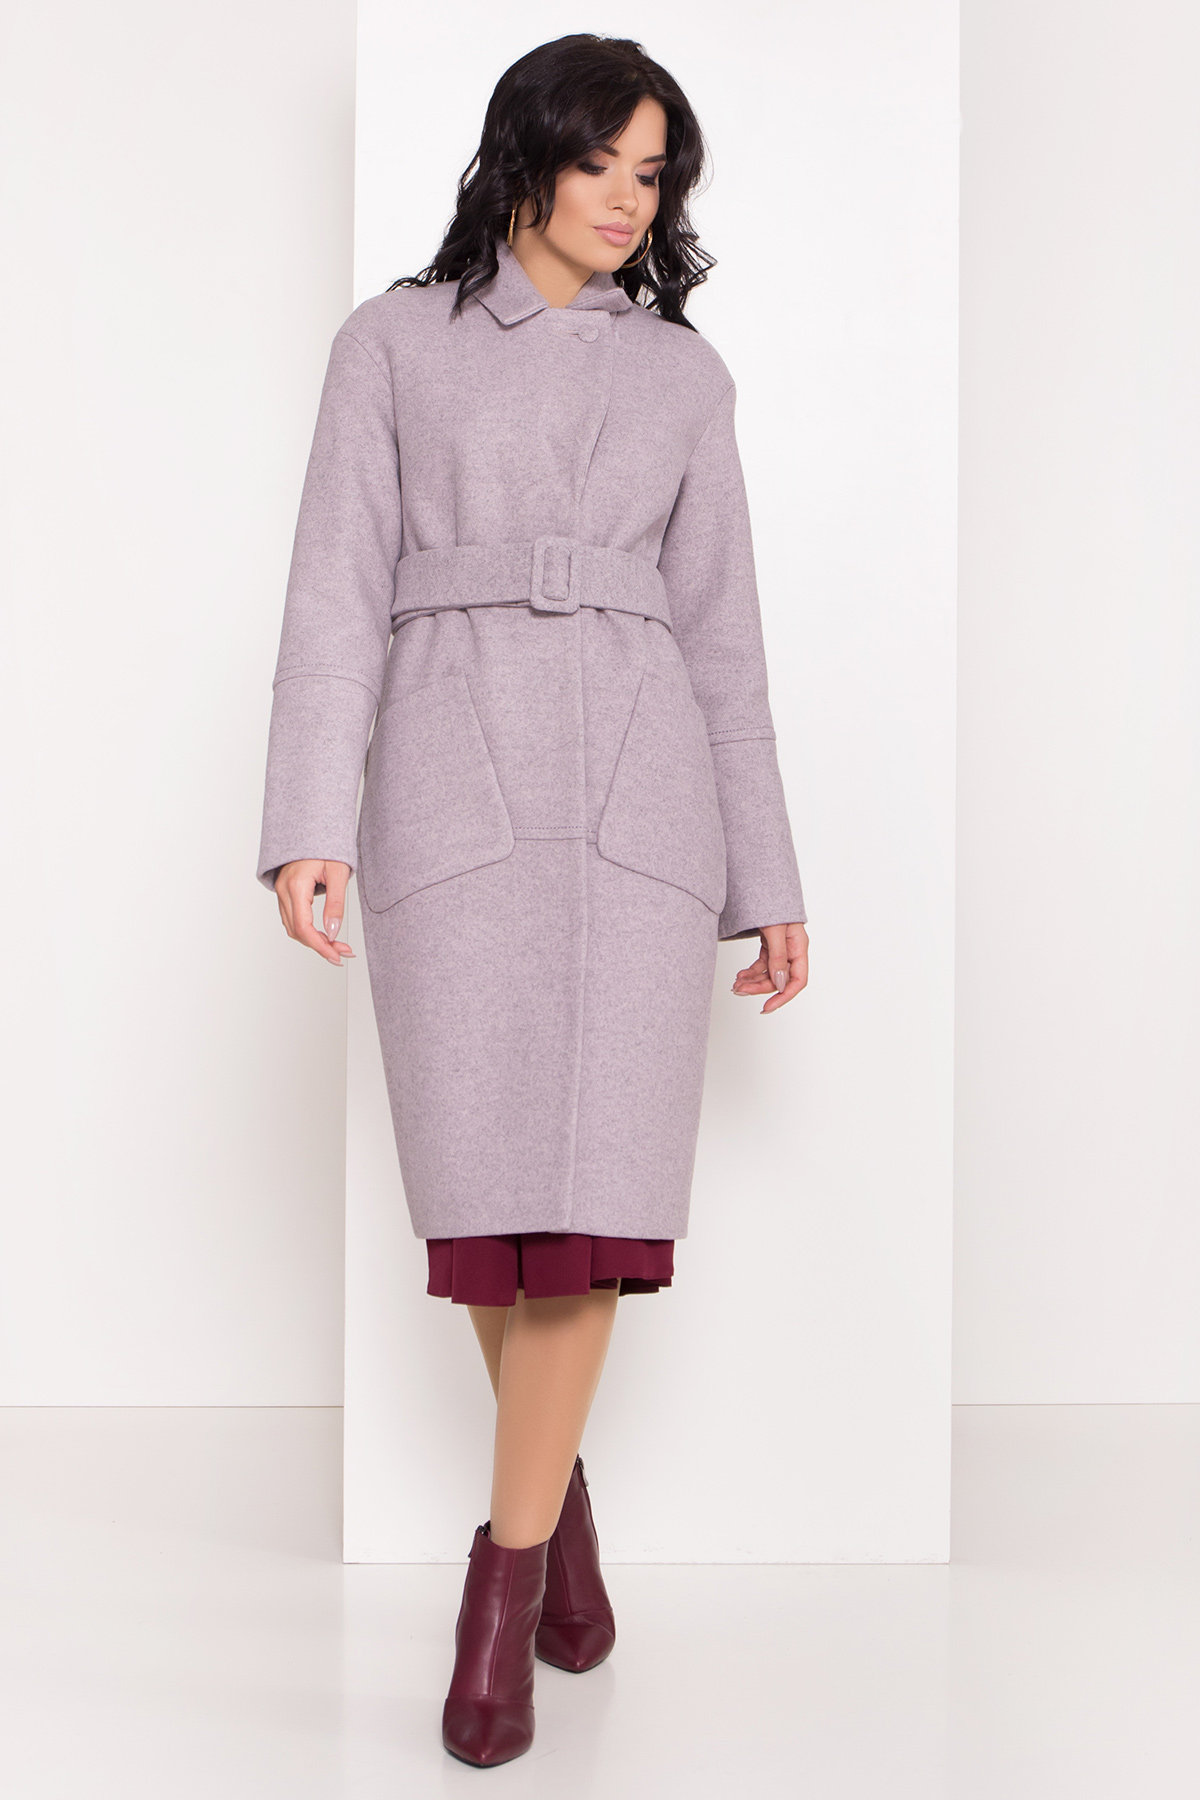 Зимнее пальто интернет магазин Элегантное зимнее пальто миди длины с накладными карманами Флорида 8138